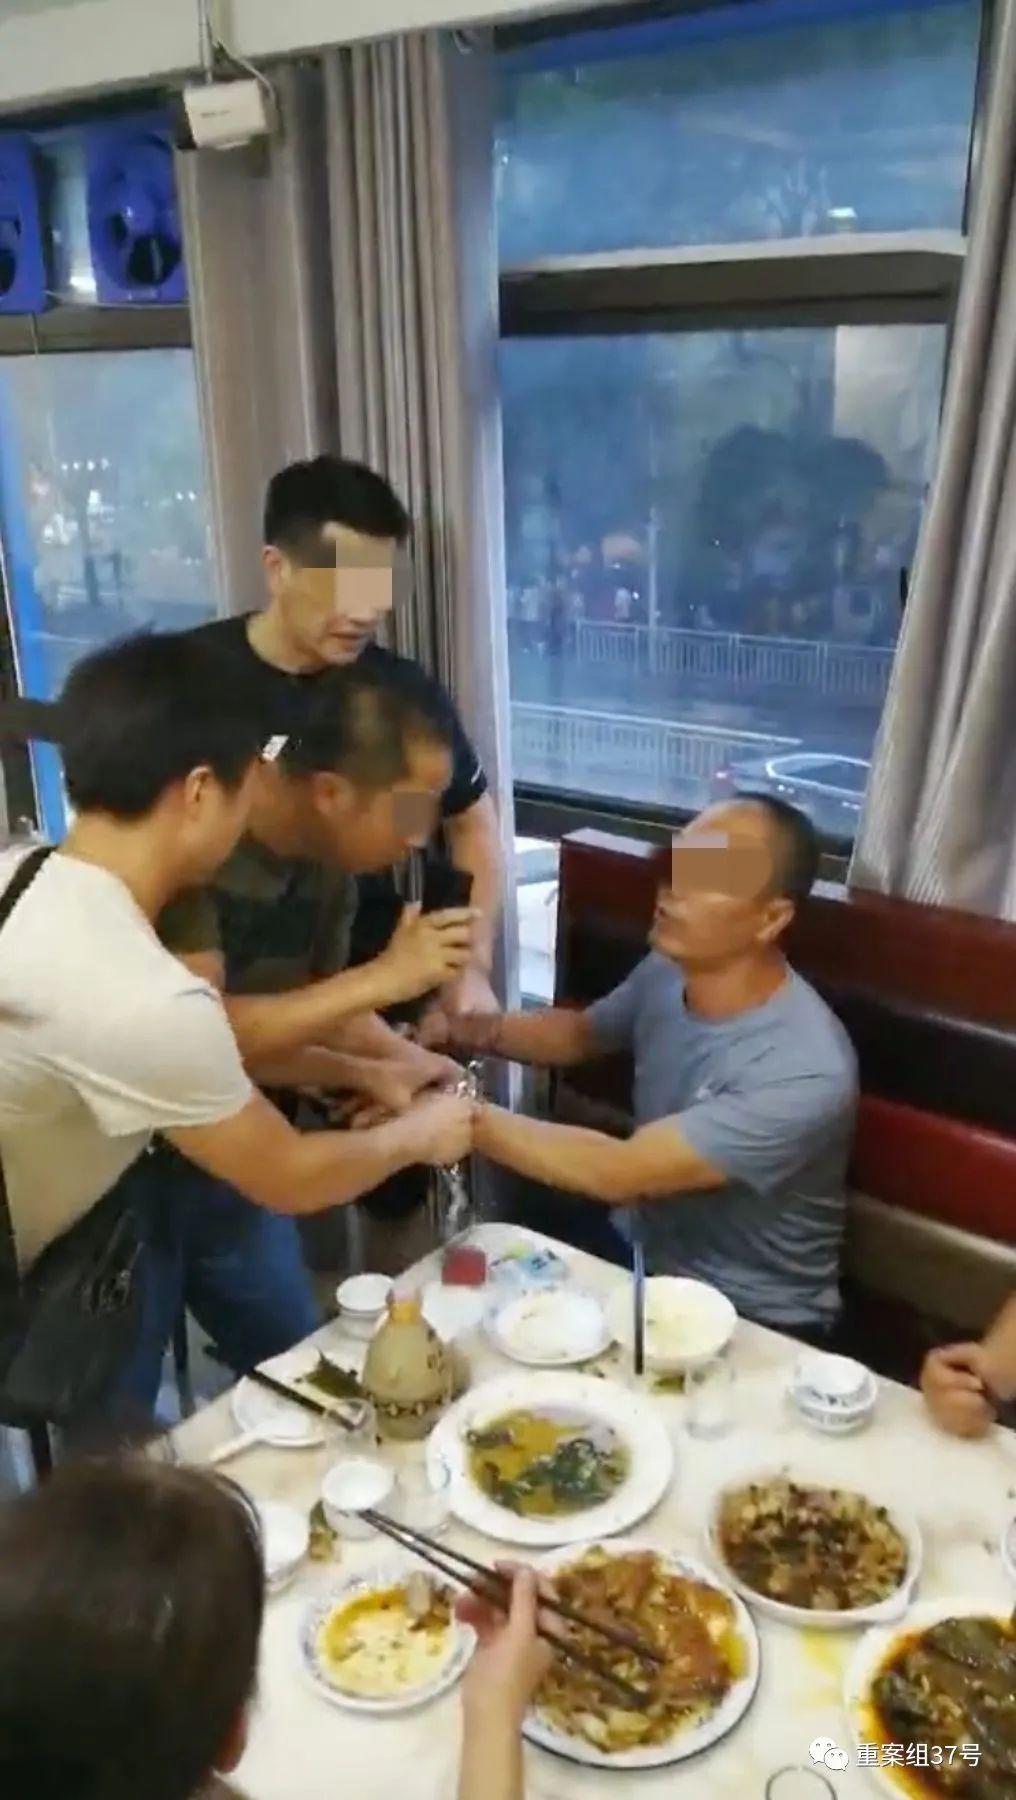 【seo视频培训】_武汉28年命案告破:两嫌犯近在咫尺,20多年互不联系